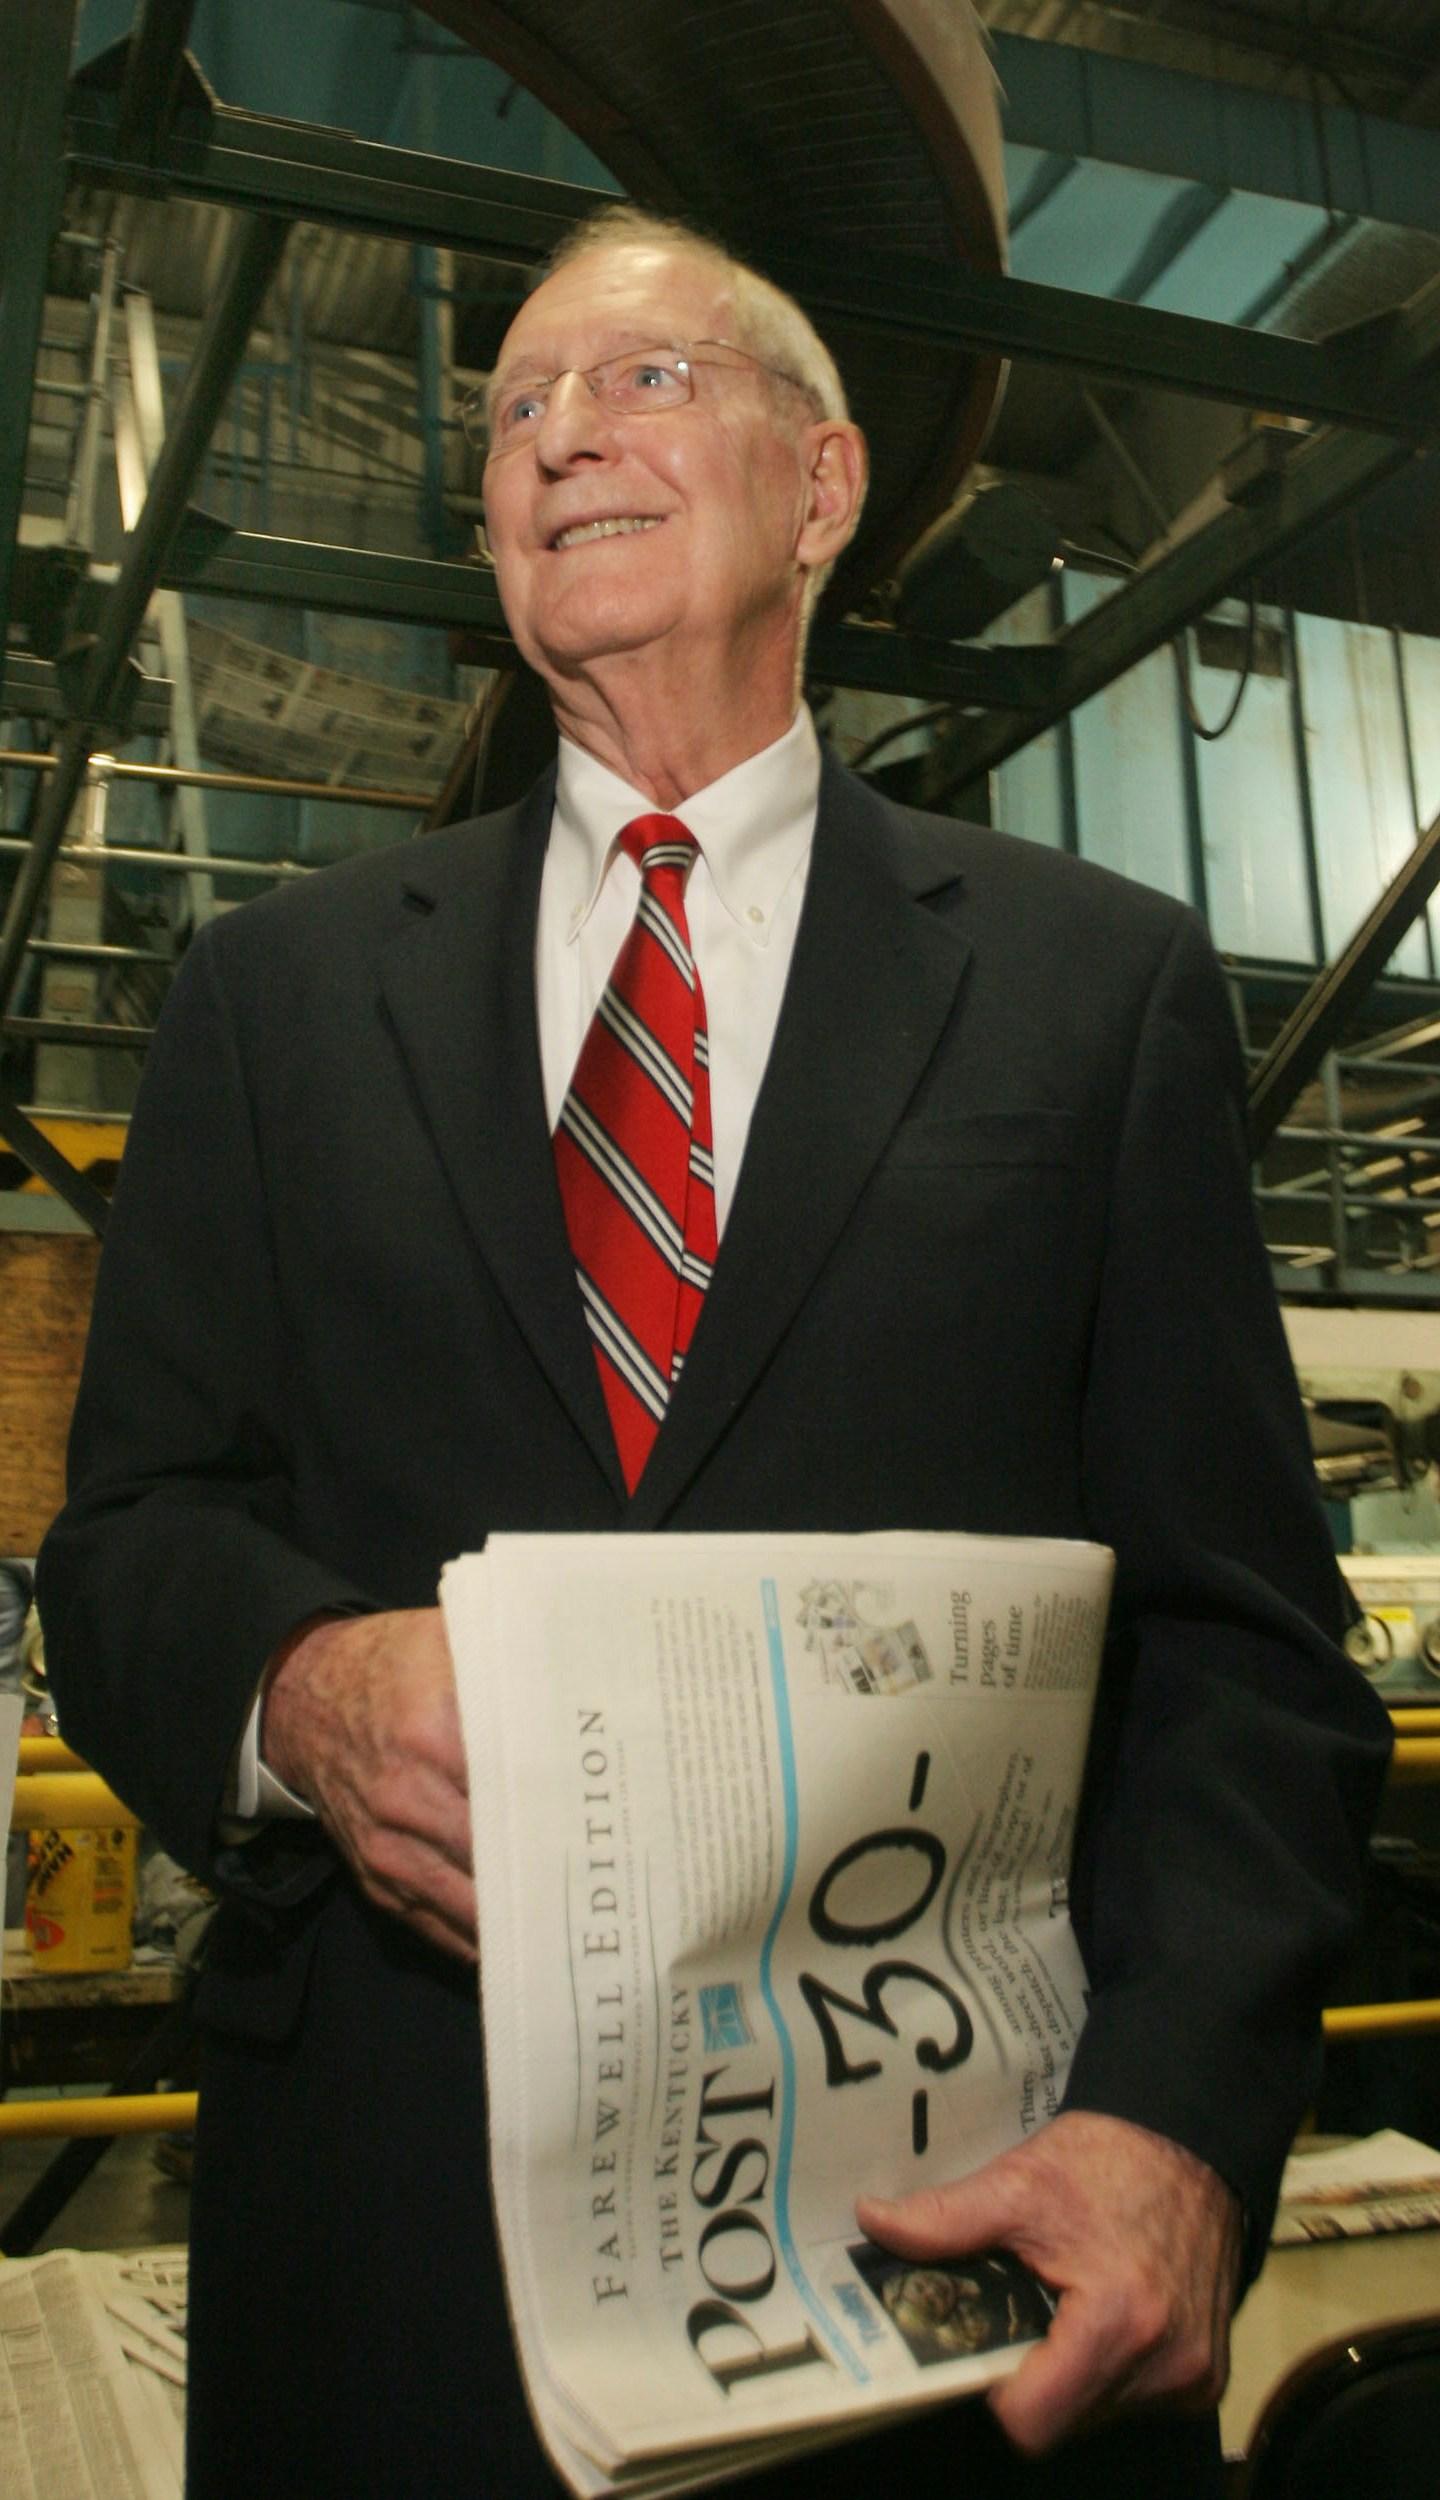 William Keating